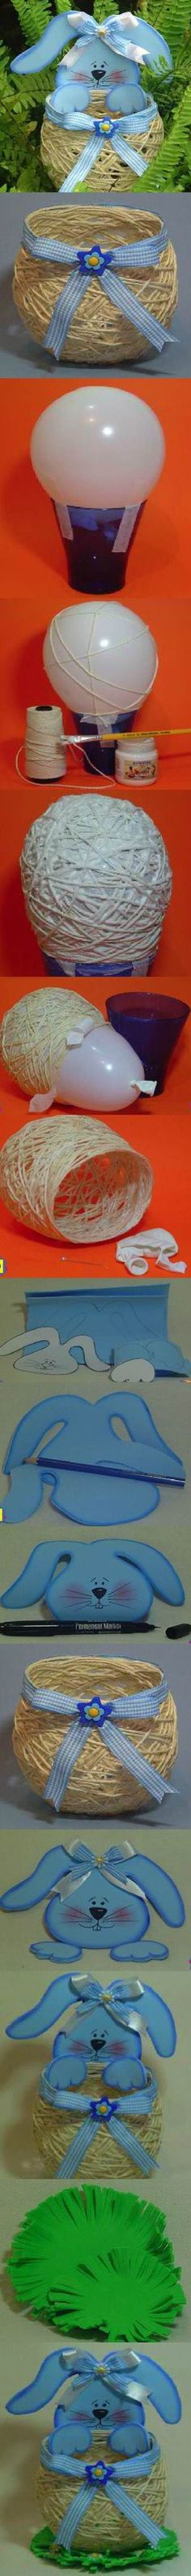 DIY Yarn String Easter Basket 2 by pat-75